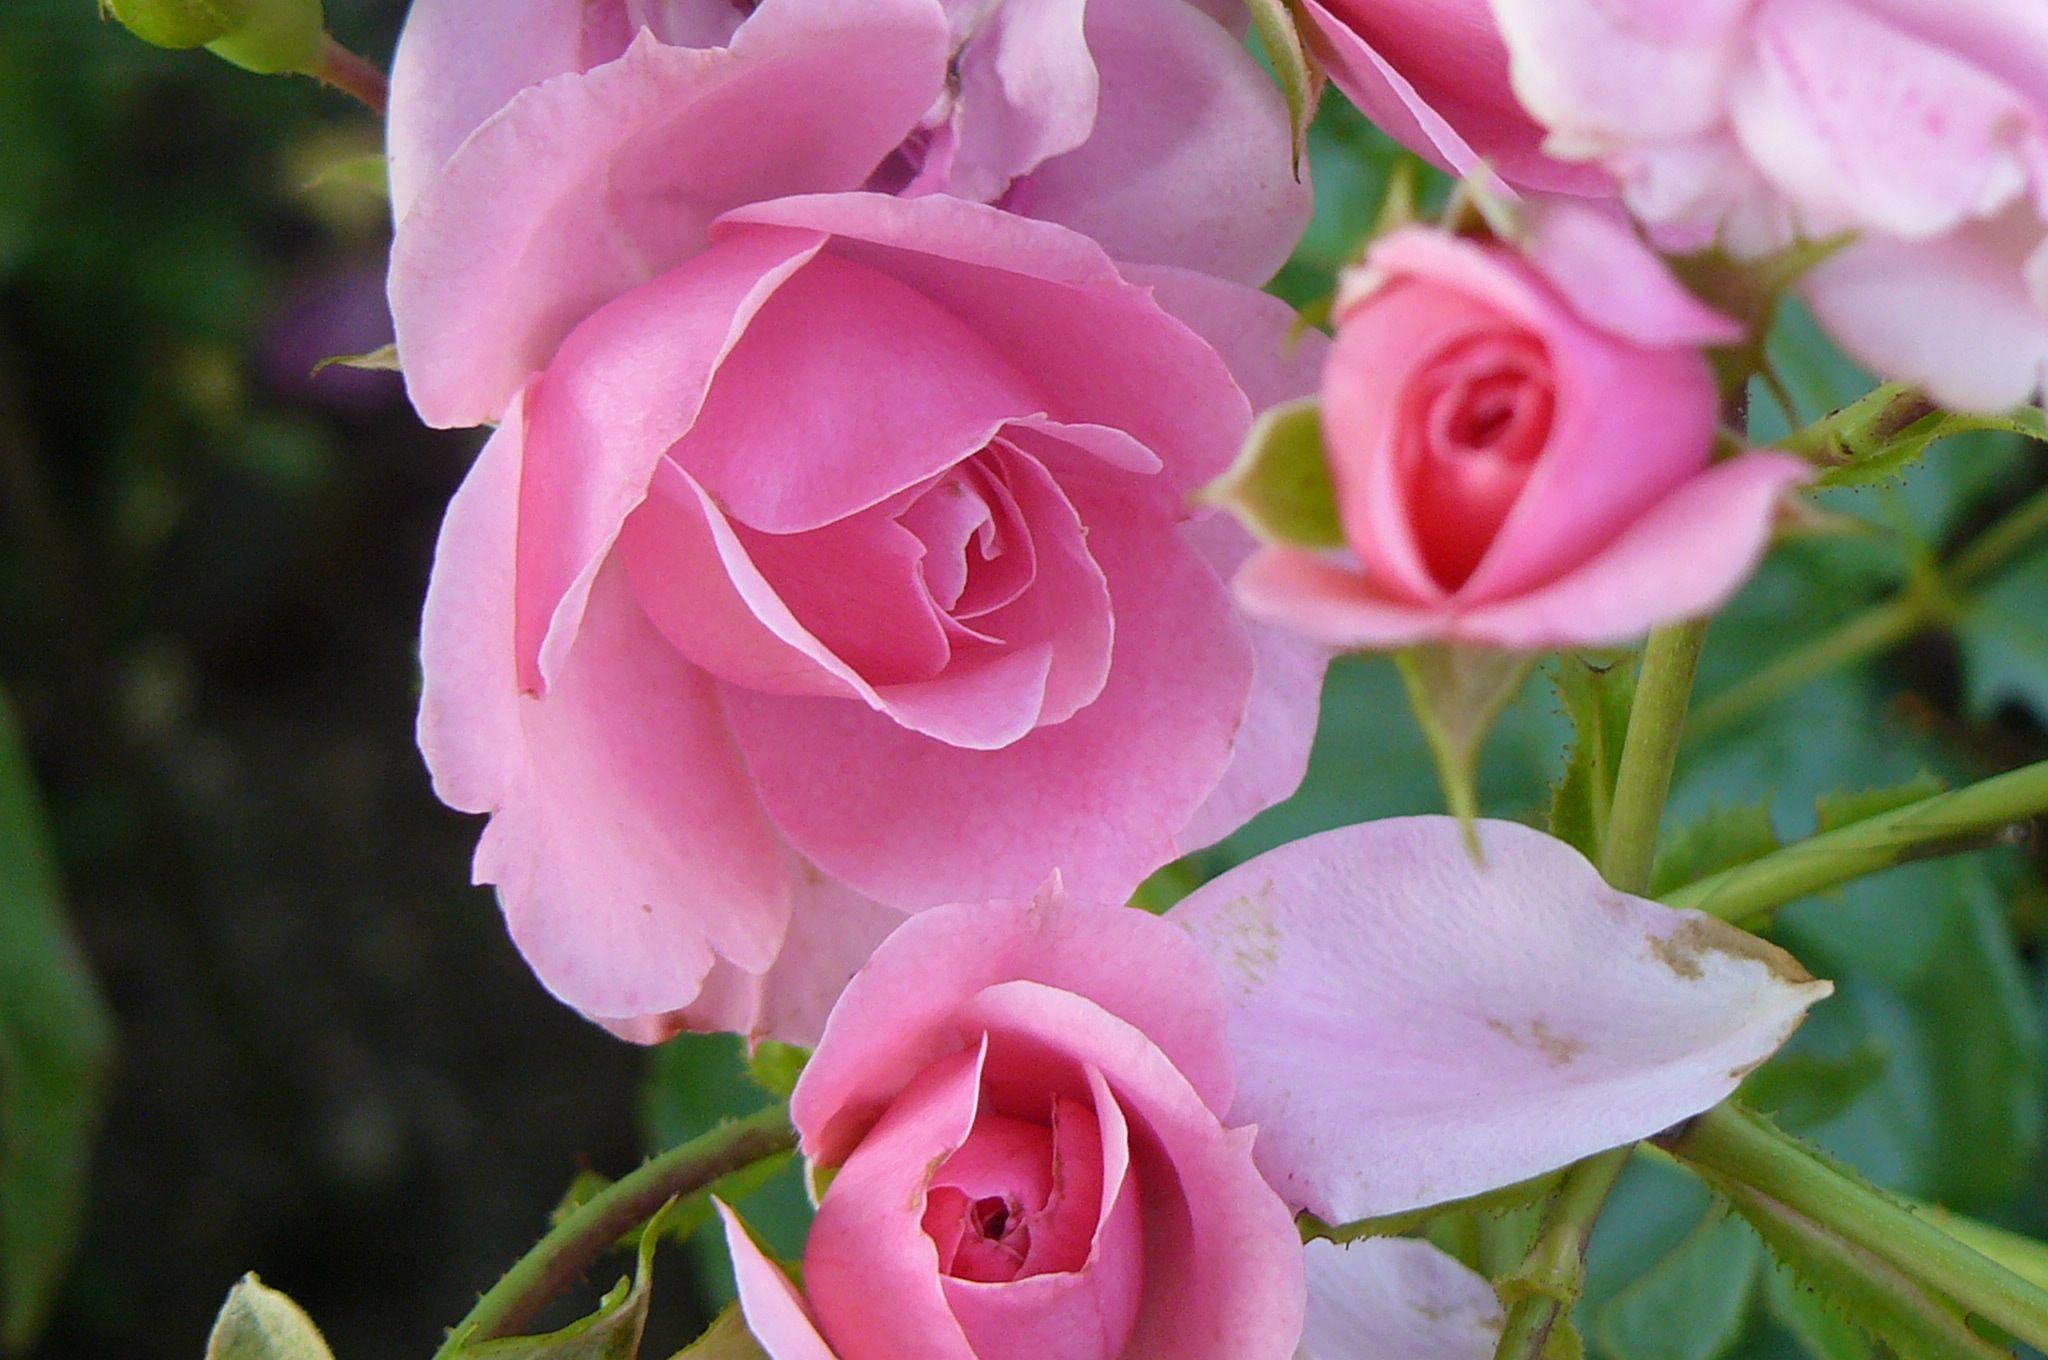 بالصور صور ورد طبيعي , اجمل الورود الطبيعيه باشكالها المختلفه 1054 11